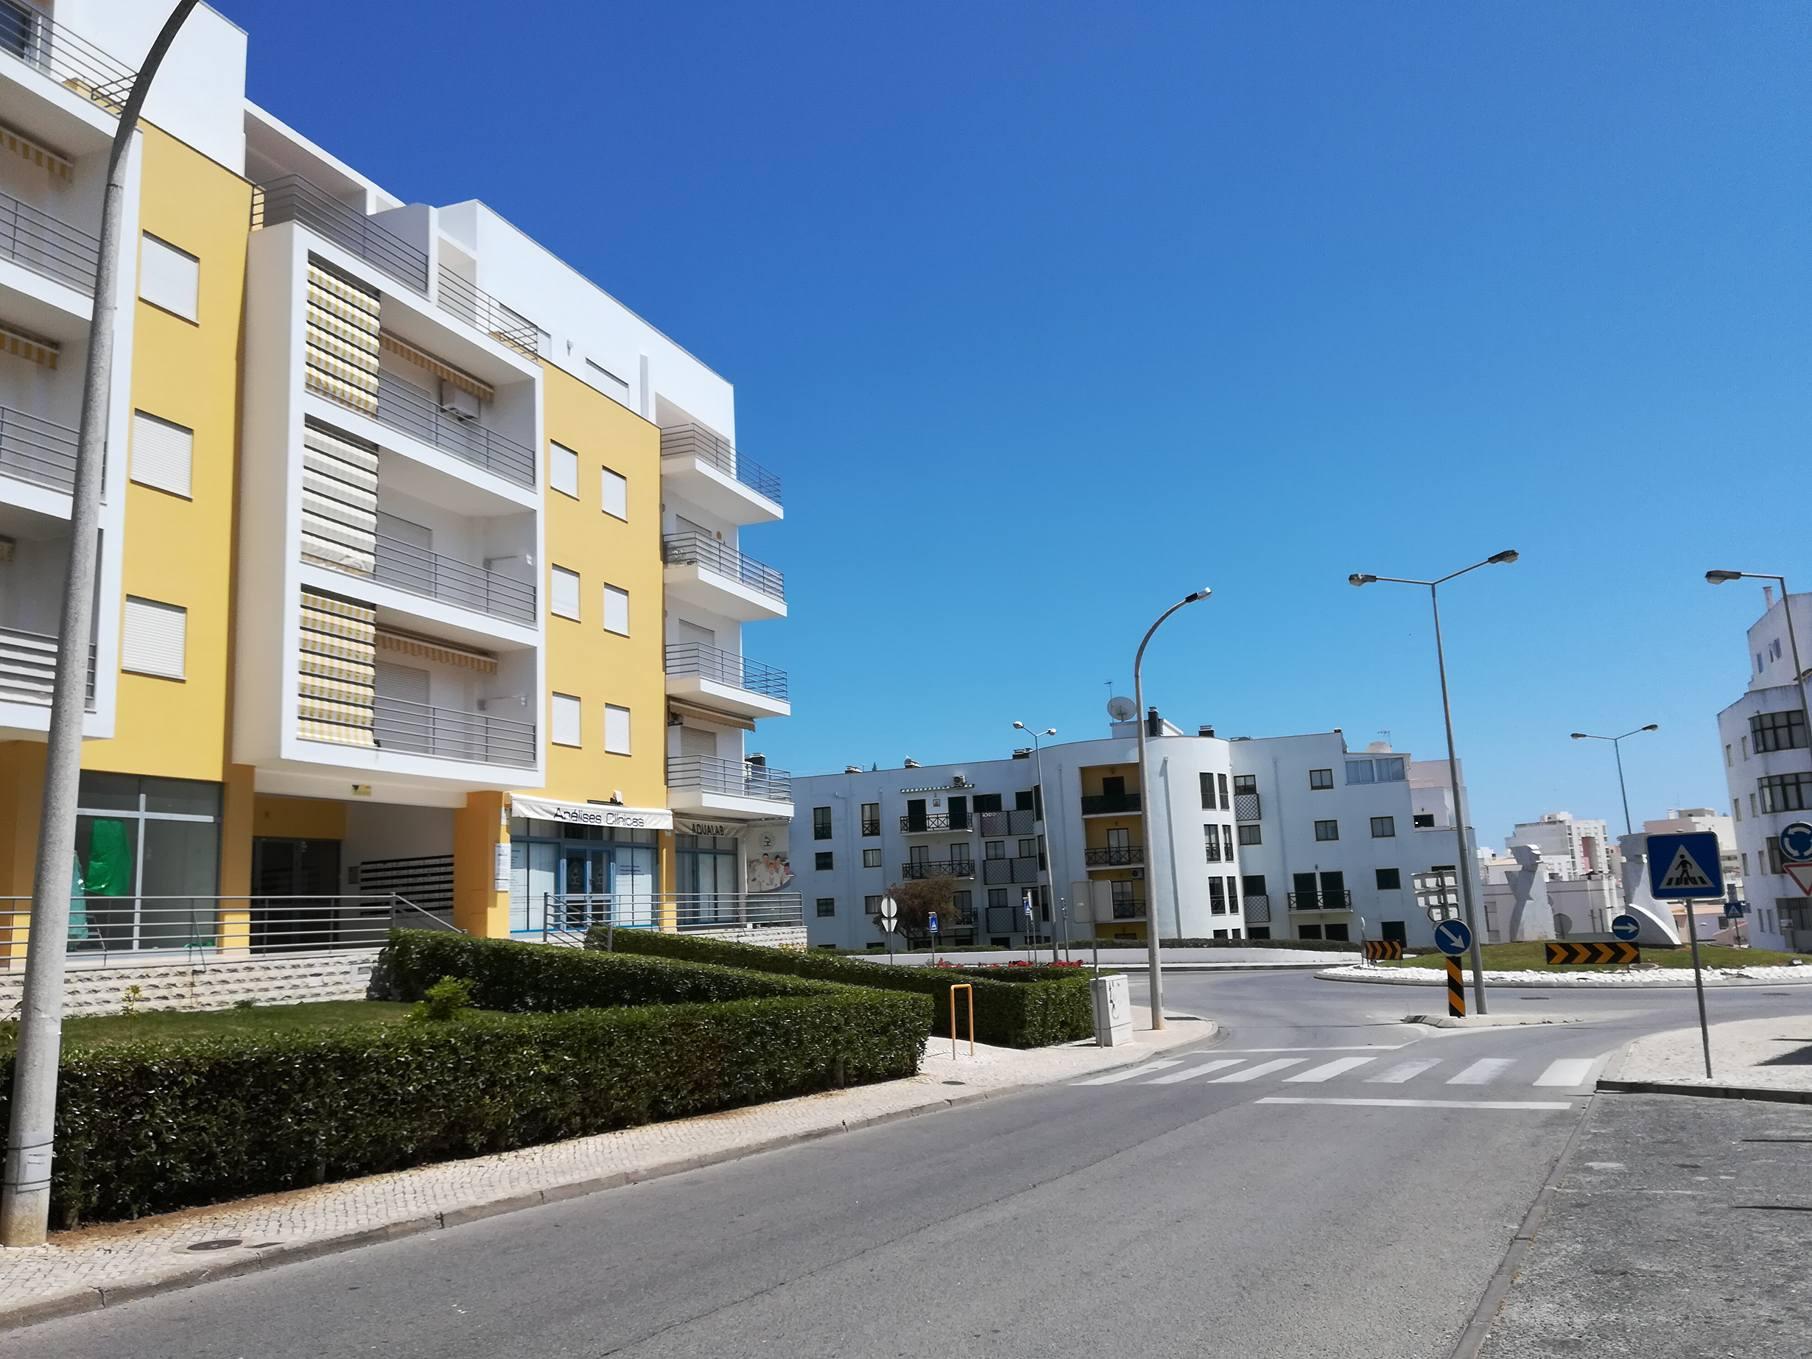 Location appartements et villas de vacance, Vila Nova II à Armação de Pêra, Portugal Algarve, REF_IMG_5826_5828